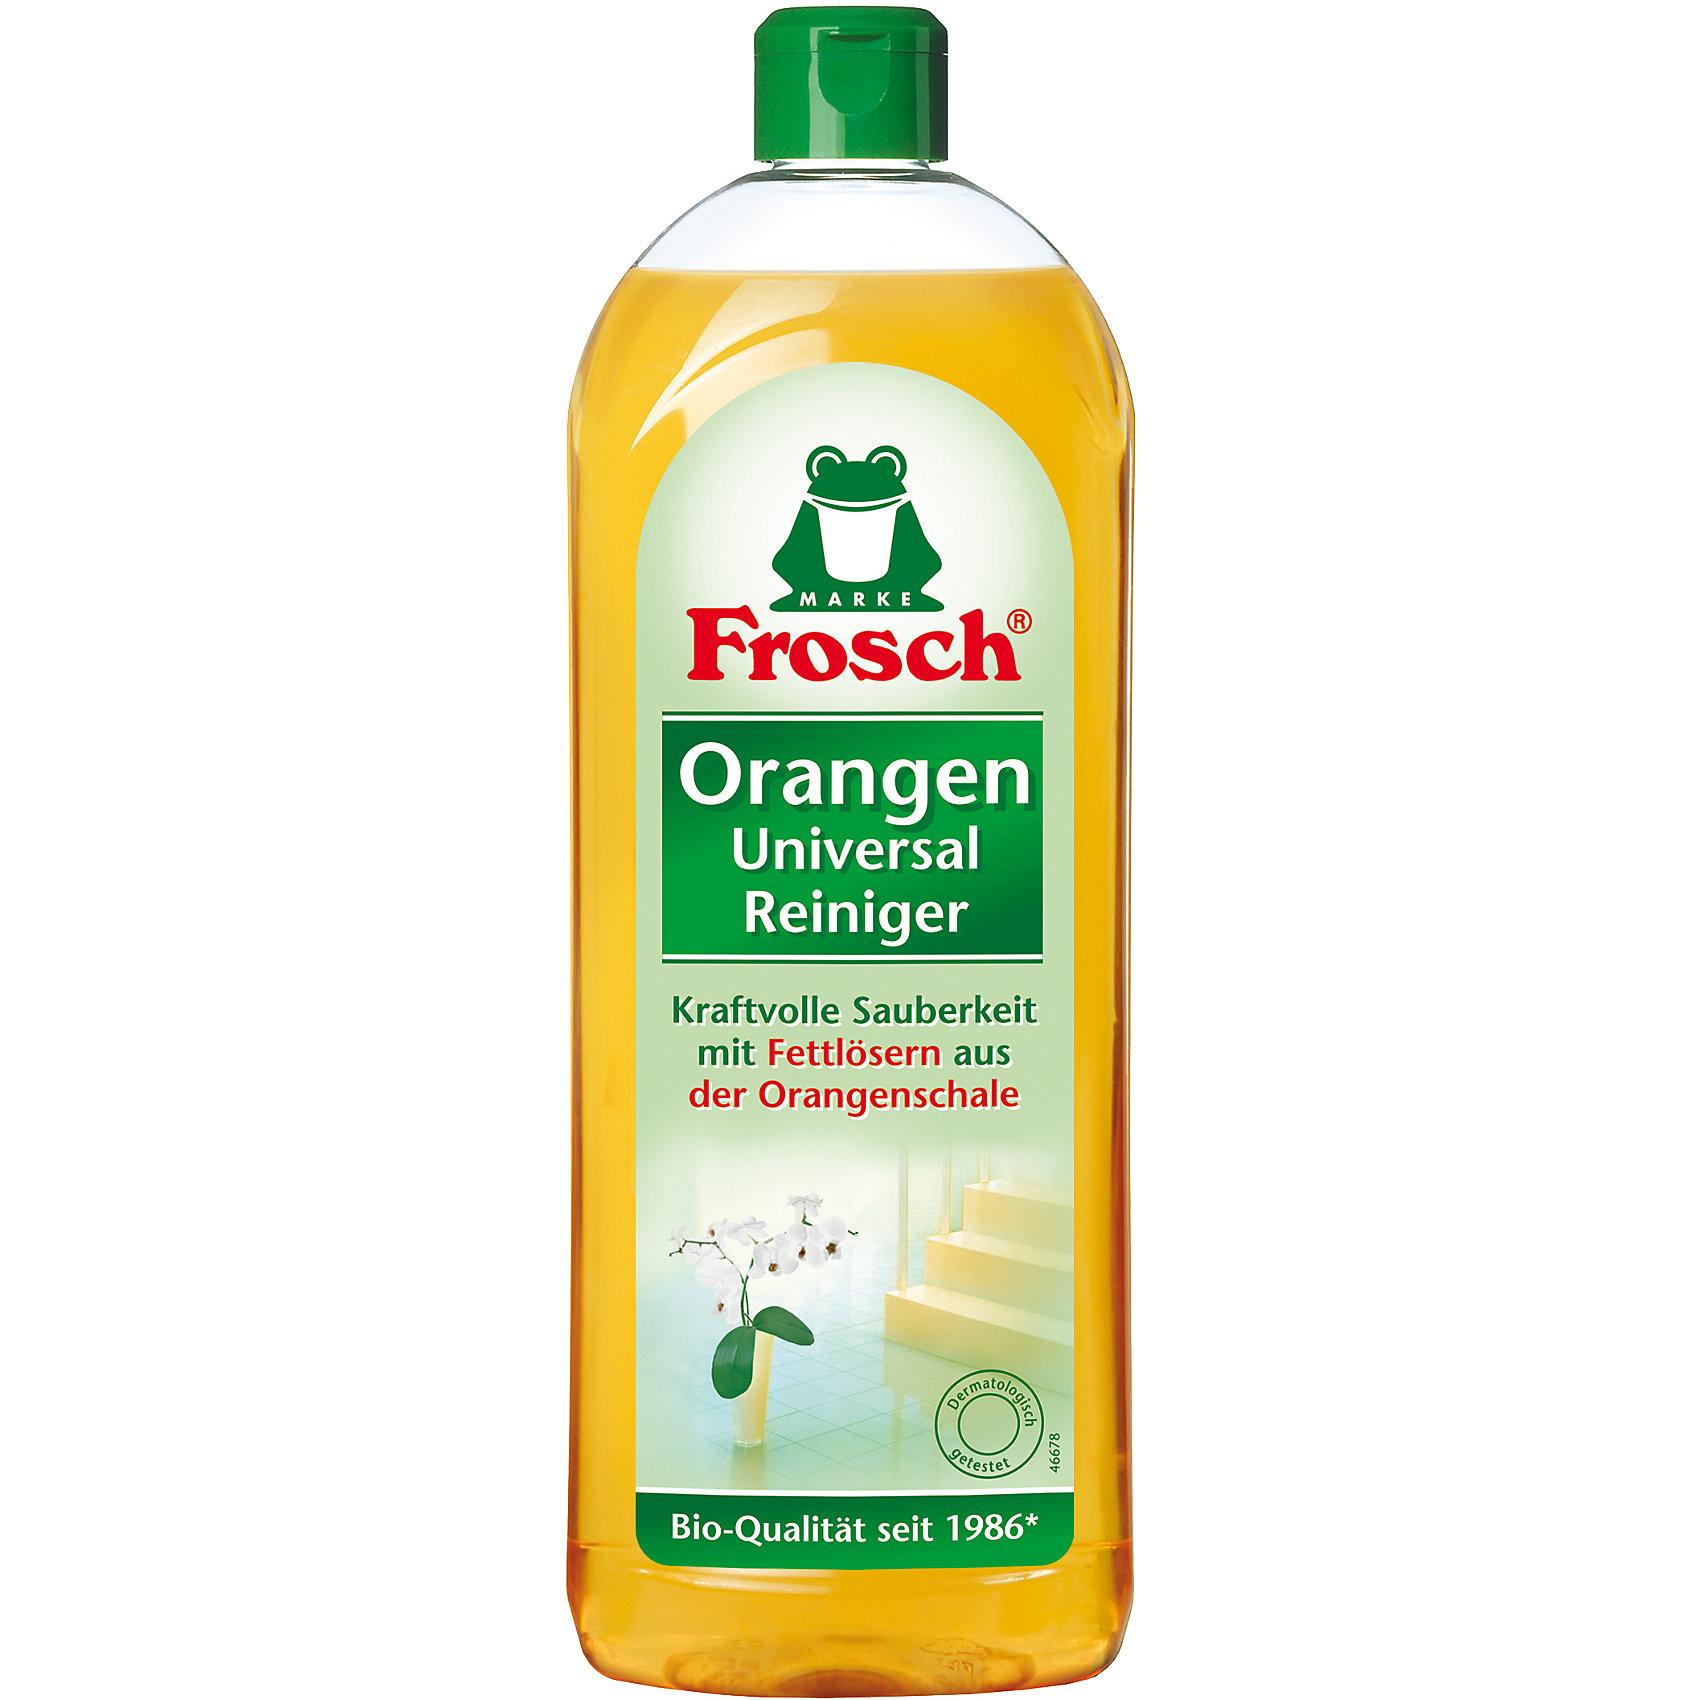 ФОТО - Универсальный апельсиновый очиститель, 0,75 л., frosch